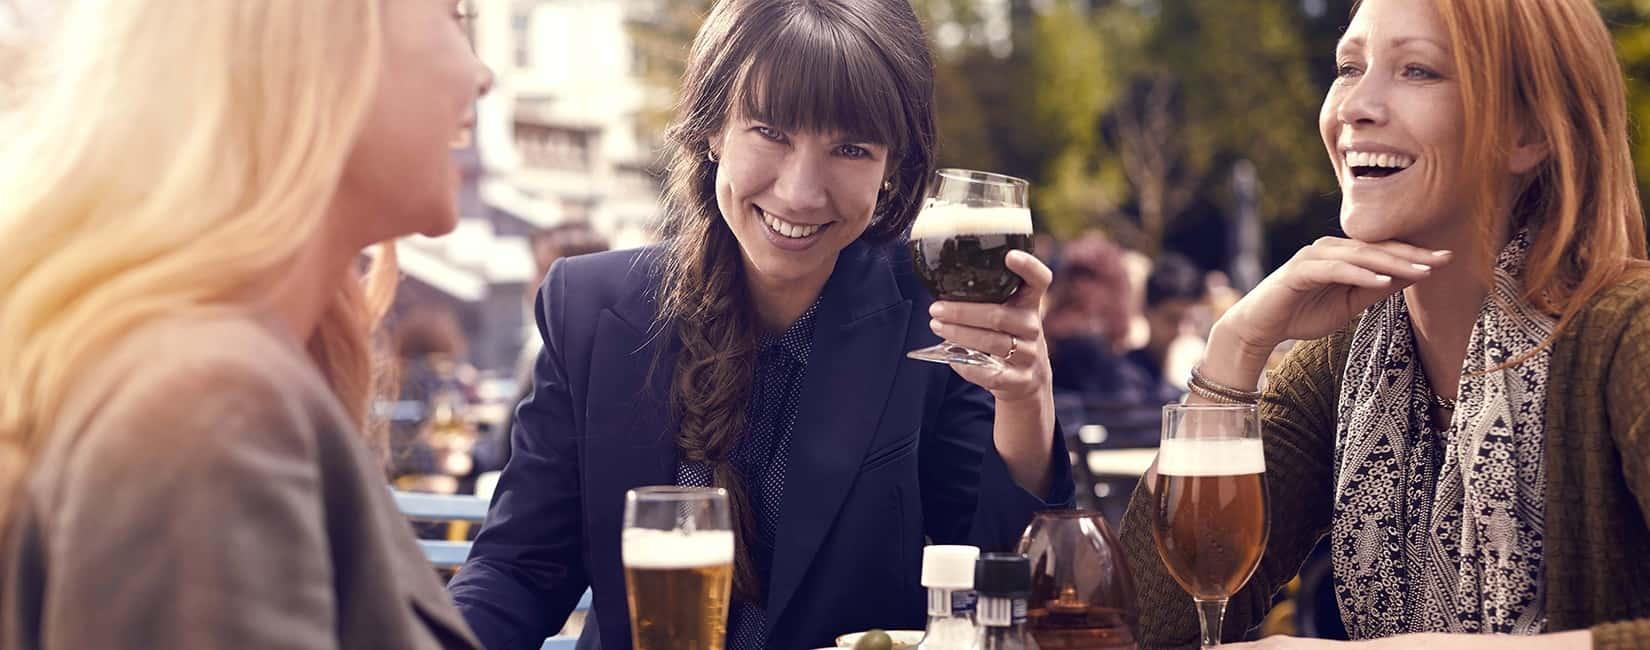 Nederlandse Bierbrouwers flexibele houding richting Horeca